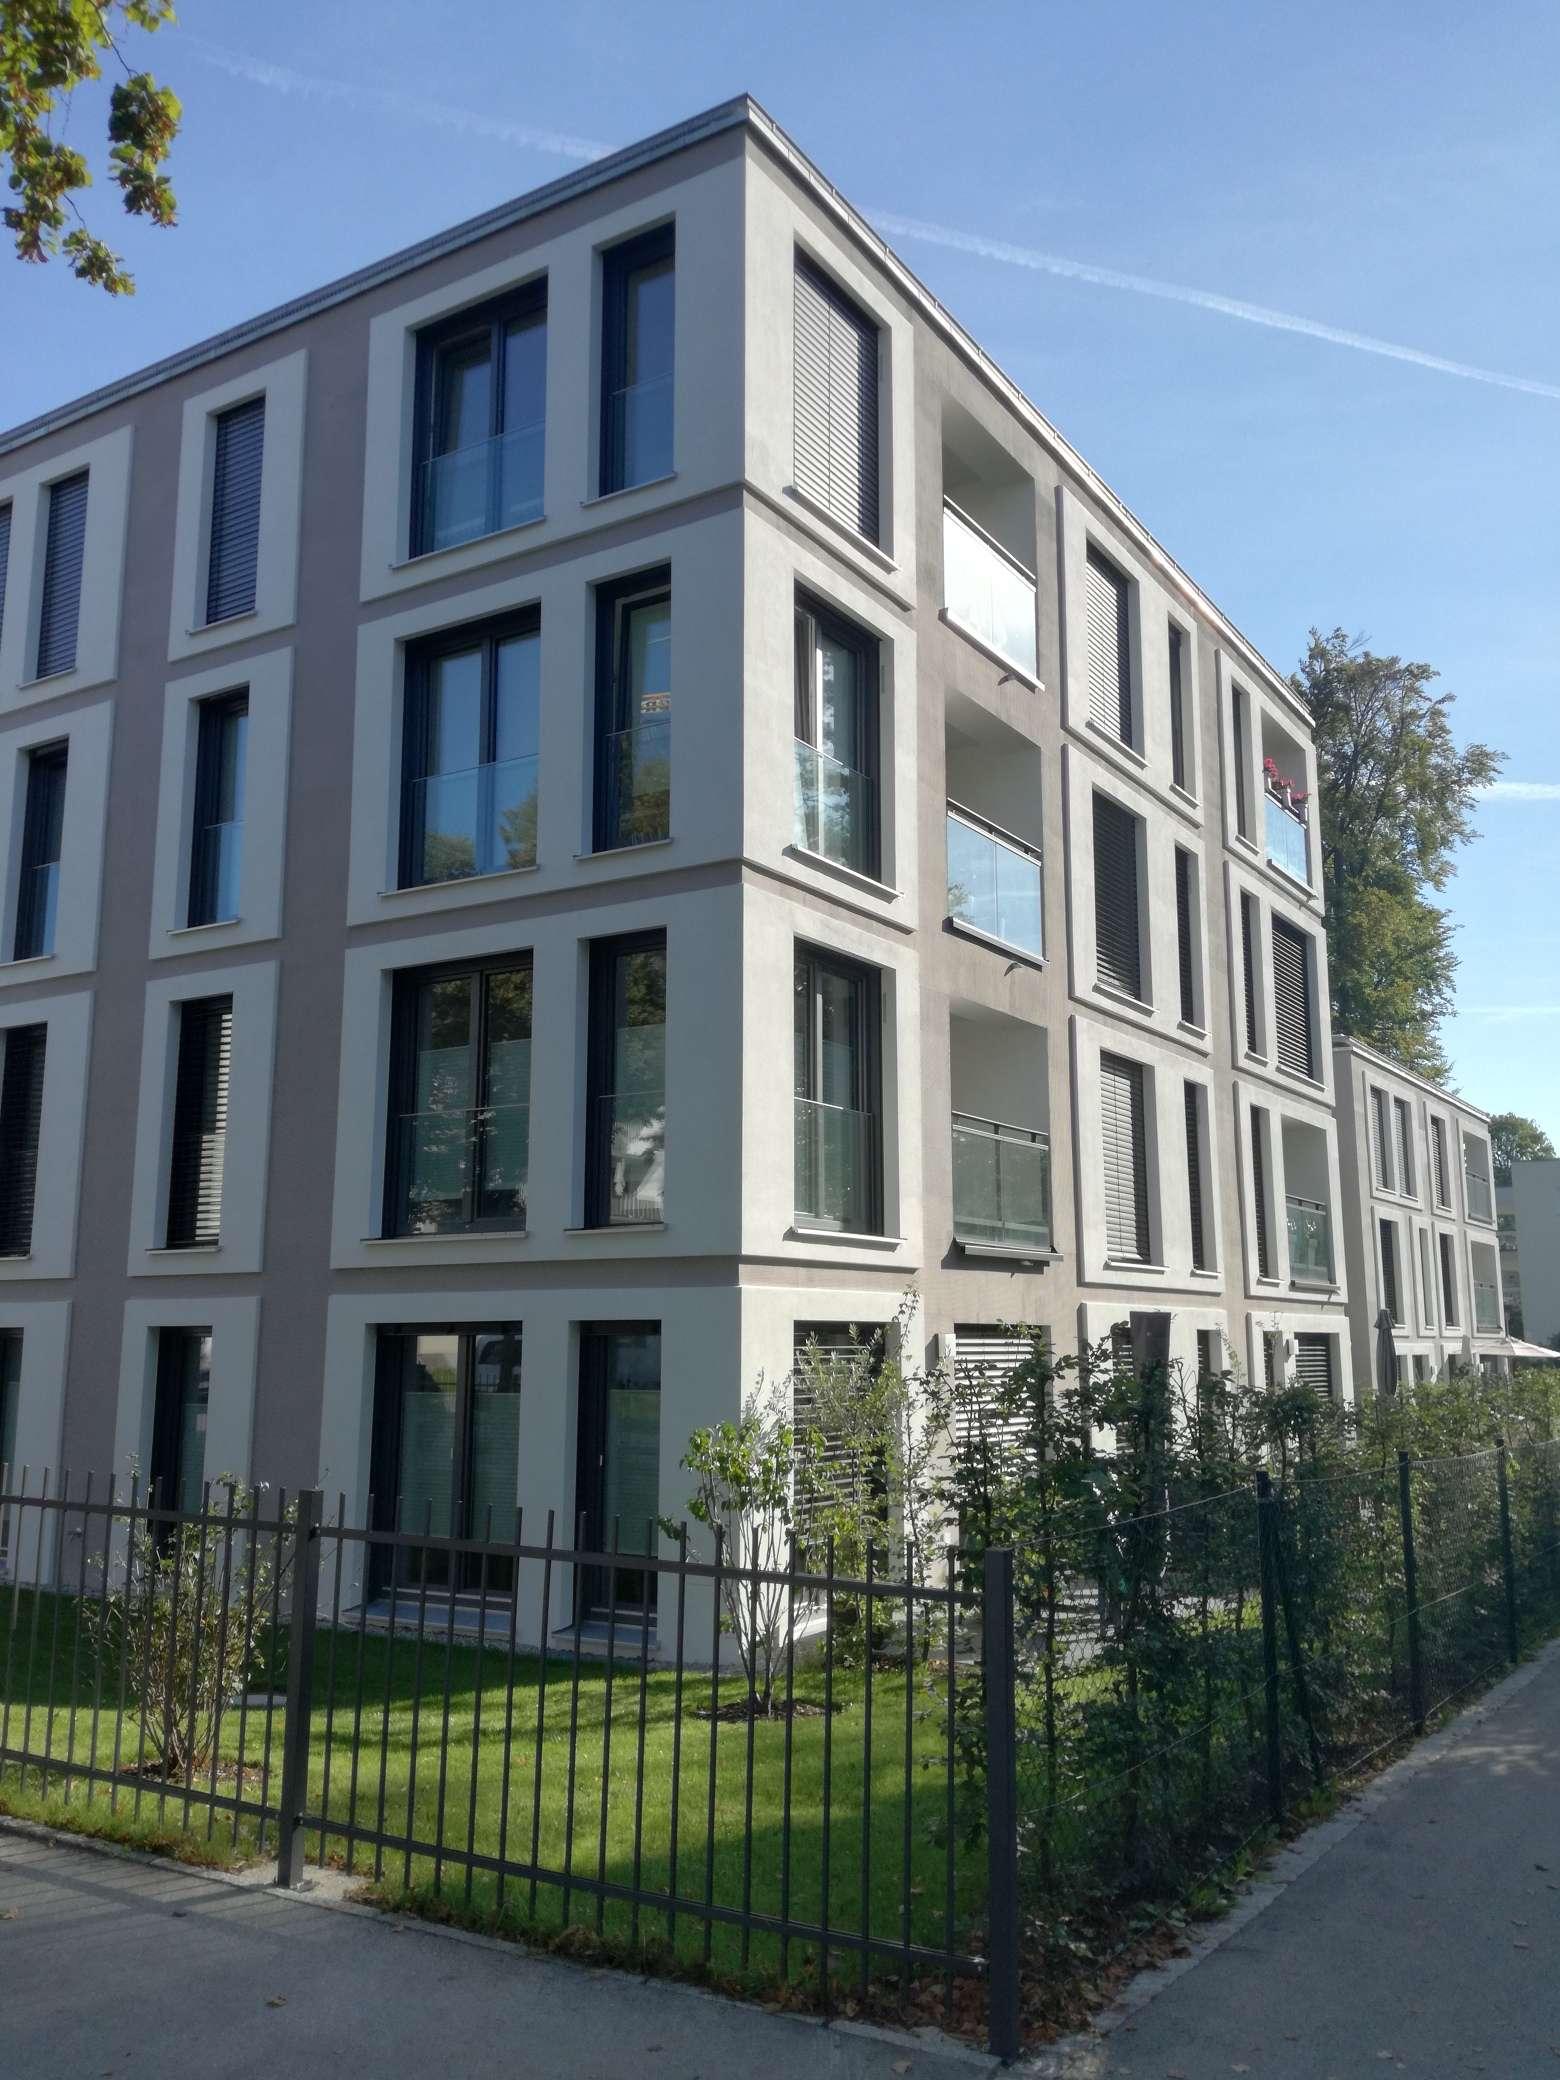 Stilvolle, neuwertige 3-Zimmer-Erdgeschosswohnung mit Terrasse und EBK in Starnberg